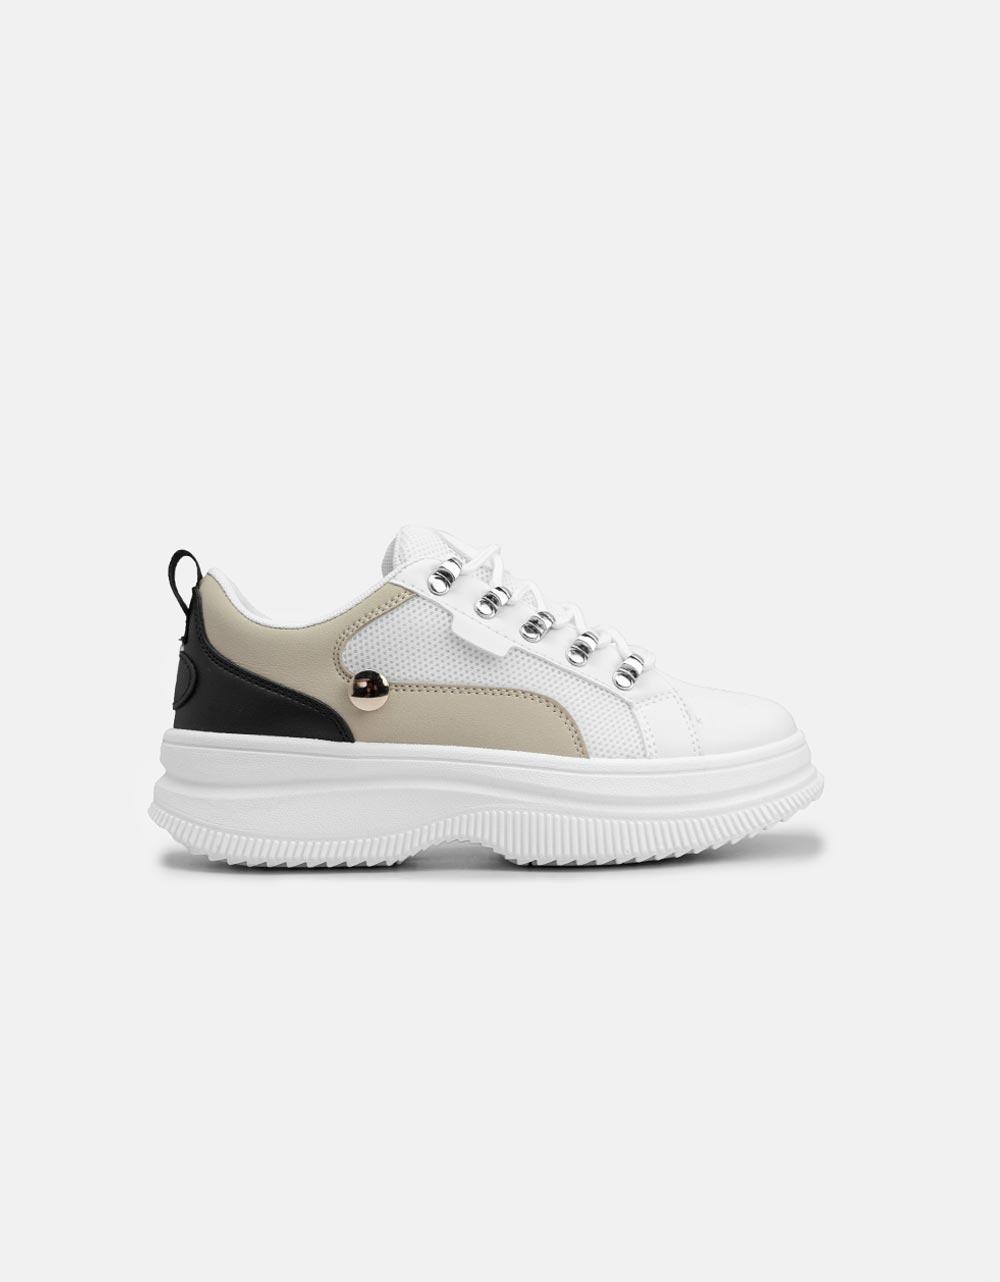 Εικόνα από Γυναικεία sneakers basic με διάτρητο σχέδιο Λευκό/Μαύρο